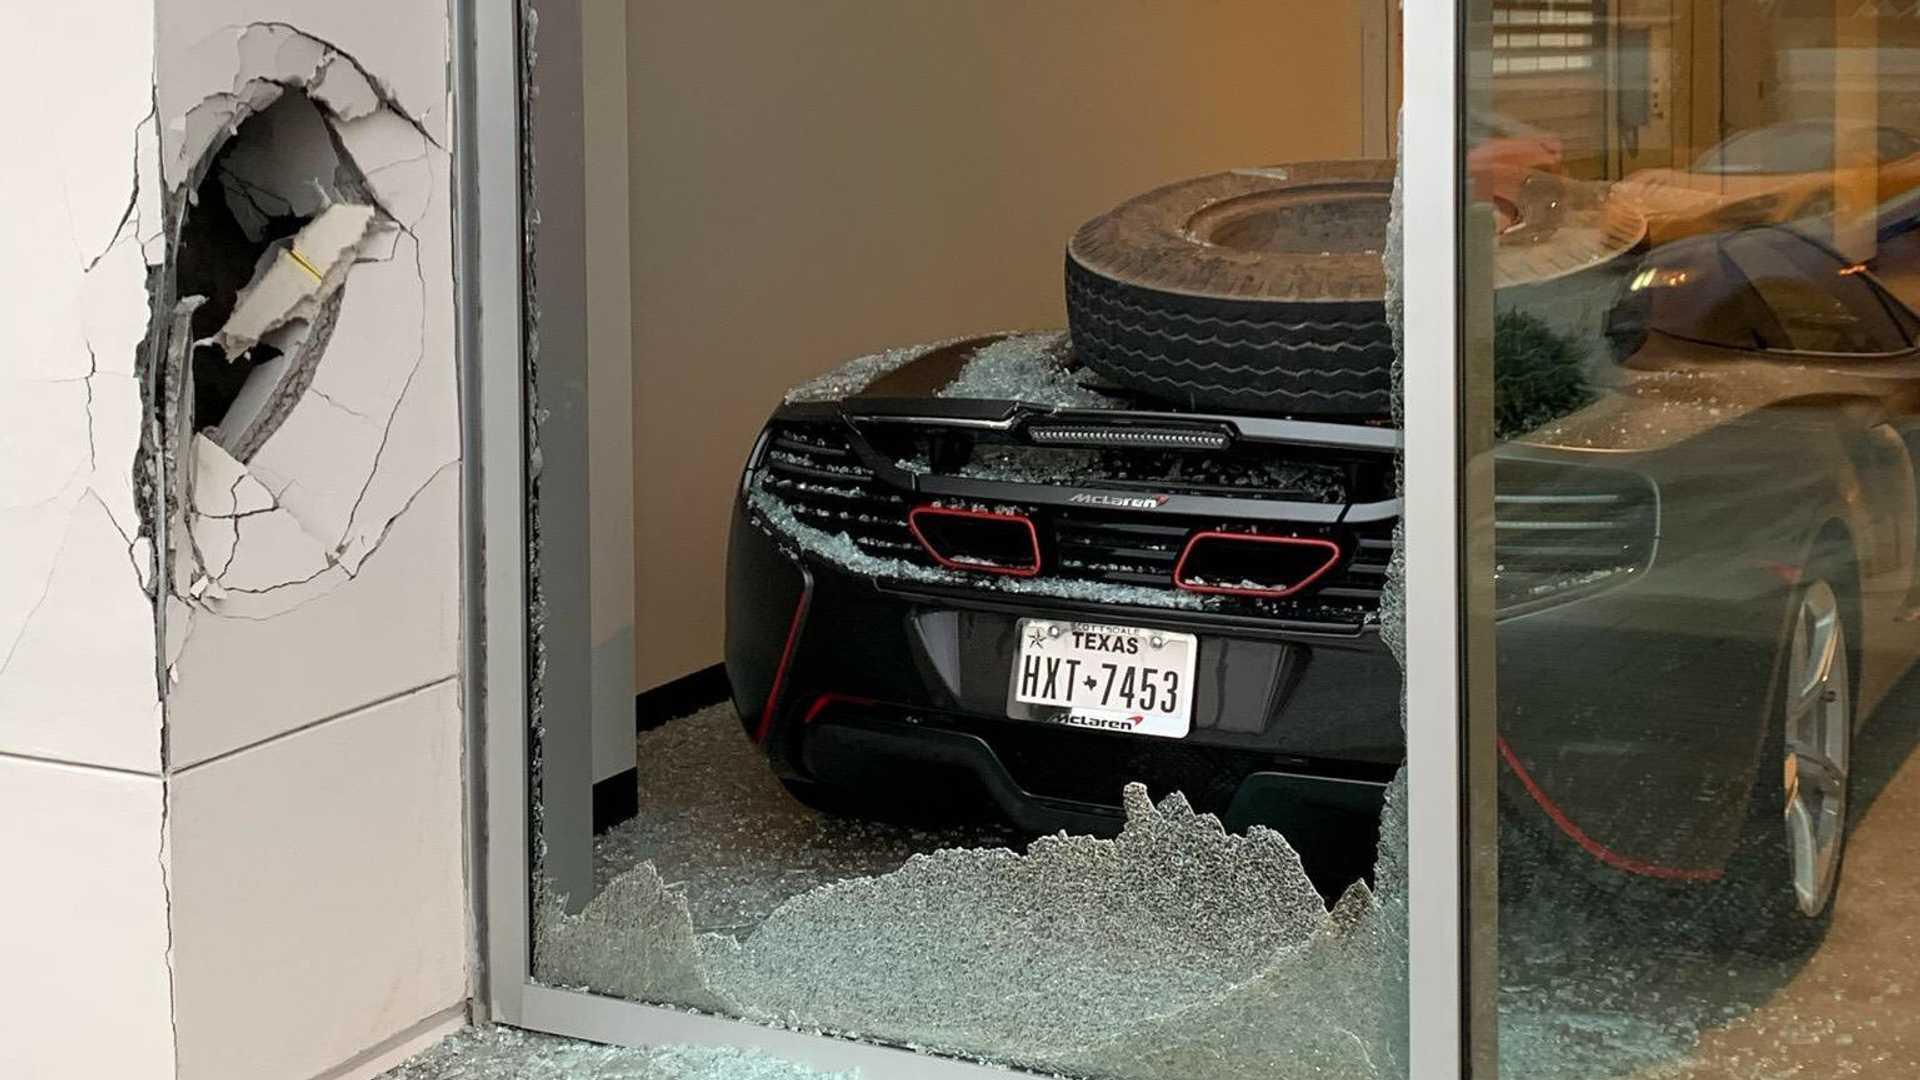 Курьёзные аварии происходят нередко, и от них не застрахован никто. На днях своего «Макларена» лишился бейсболист Тревор Бауэр.